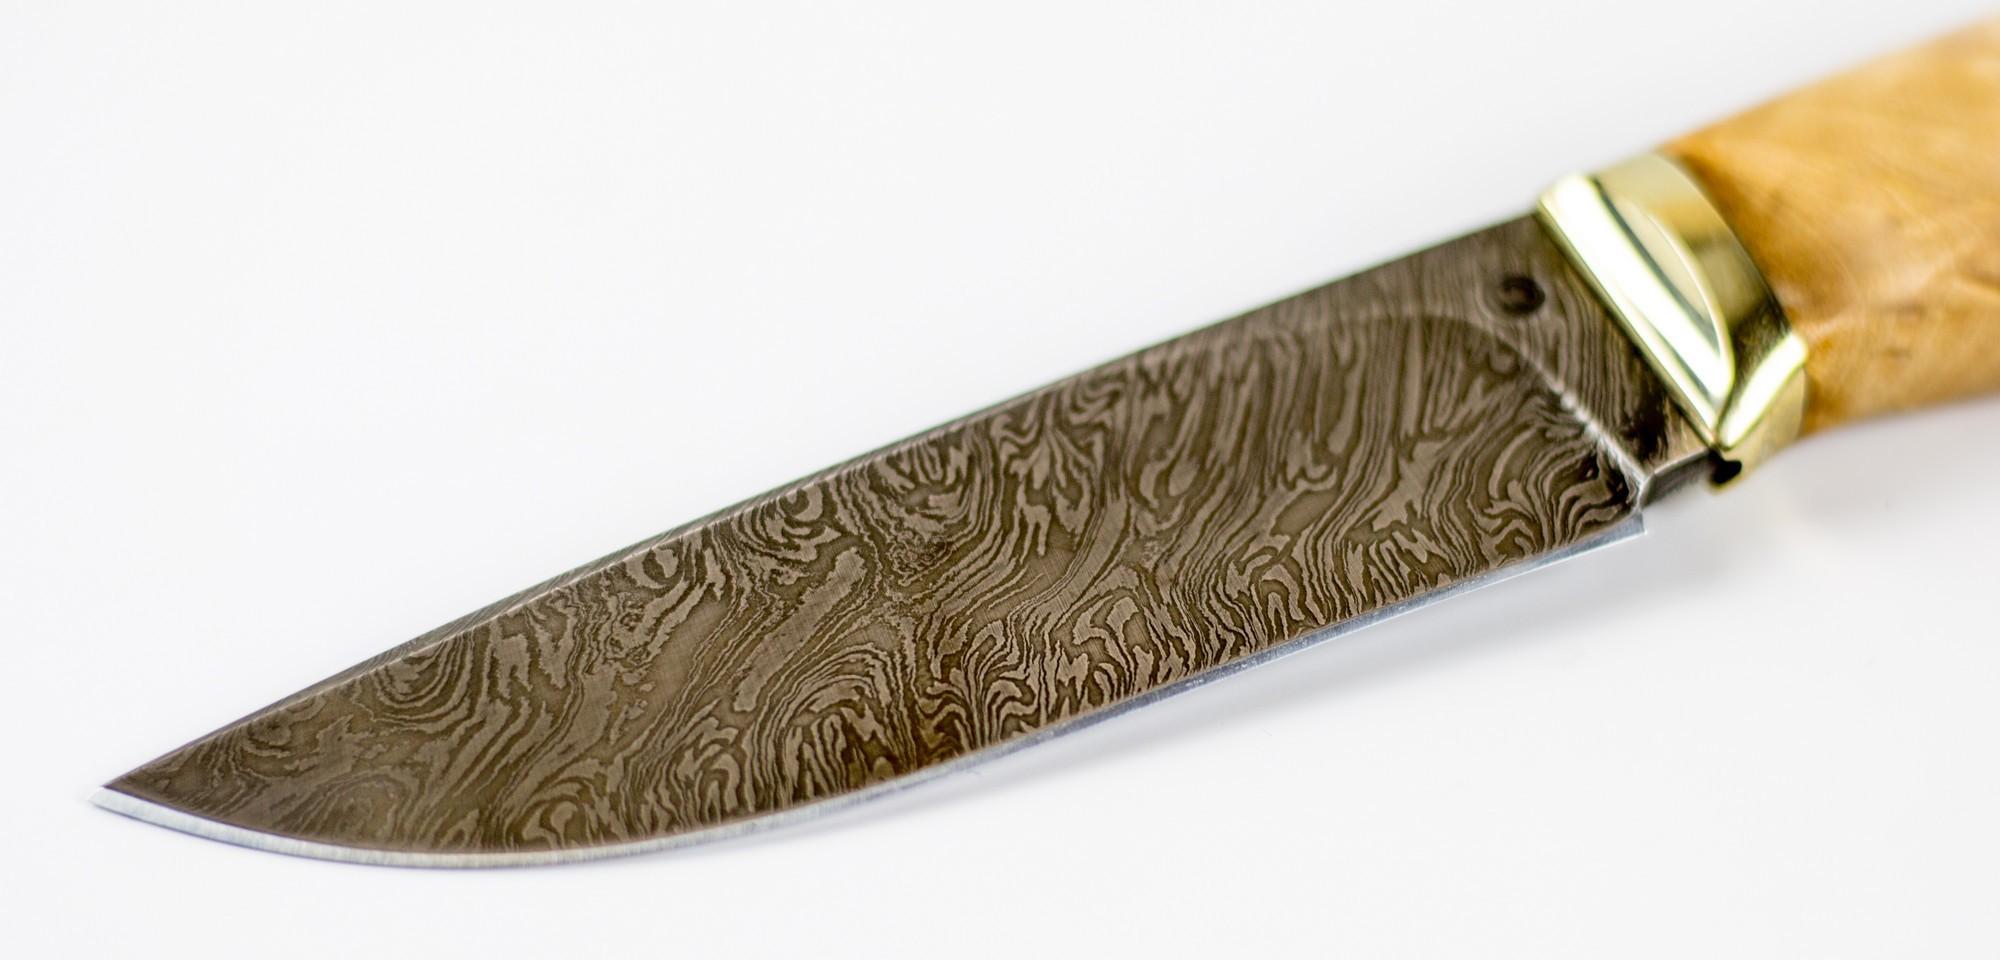 Фото 7 - Нож Гид,  дамасская сталь от Ножи Крутова